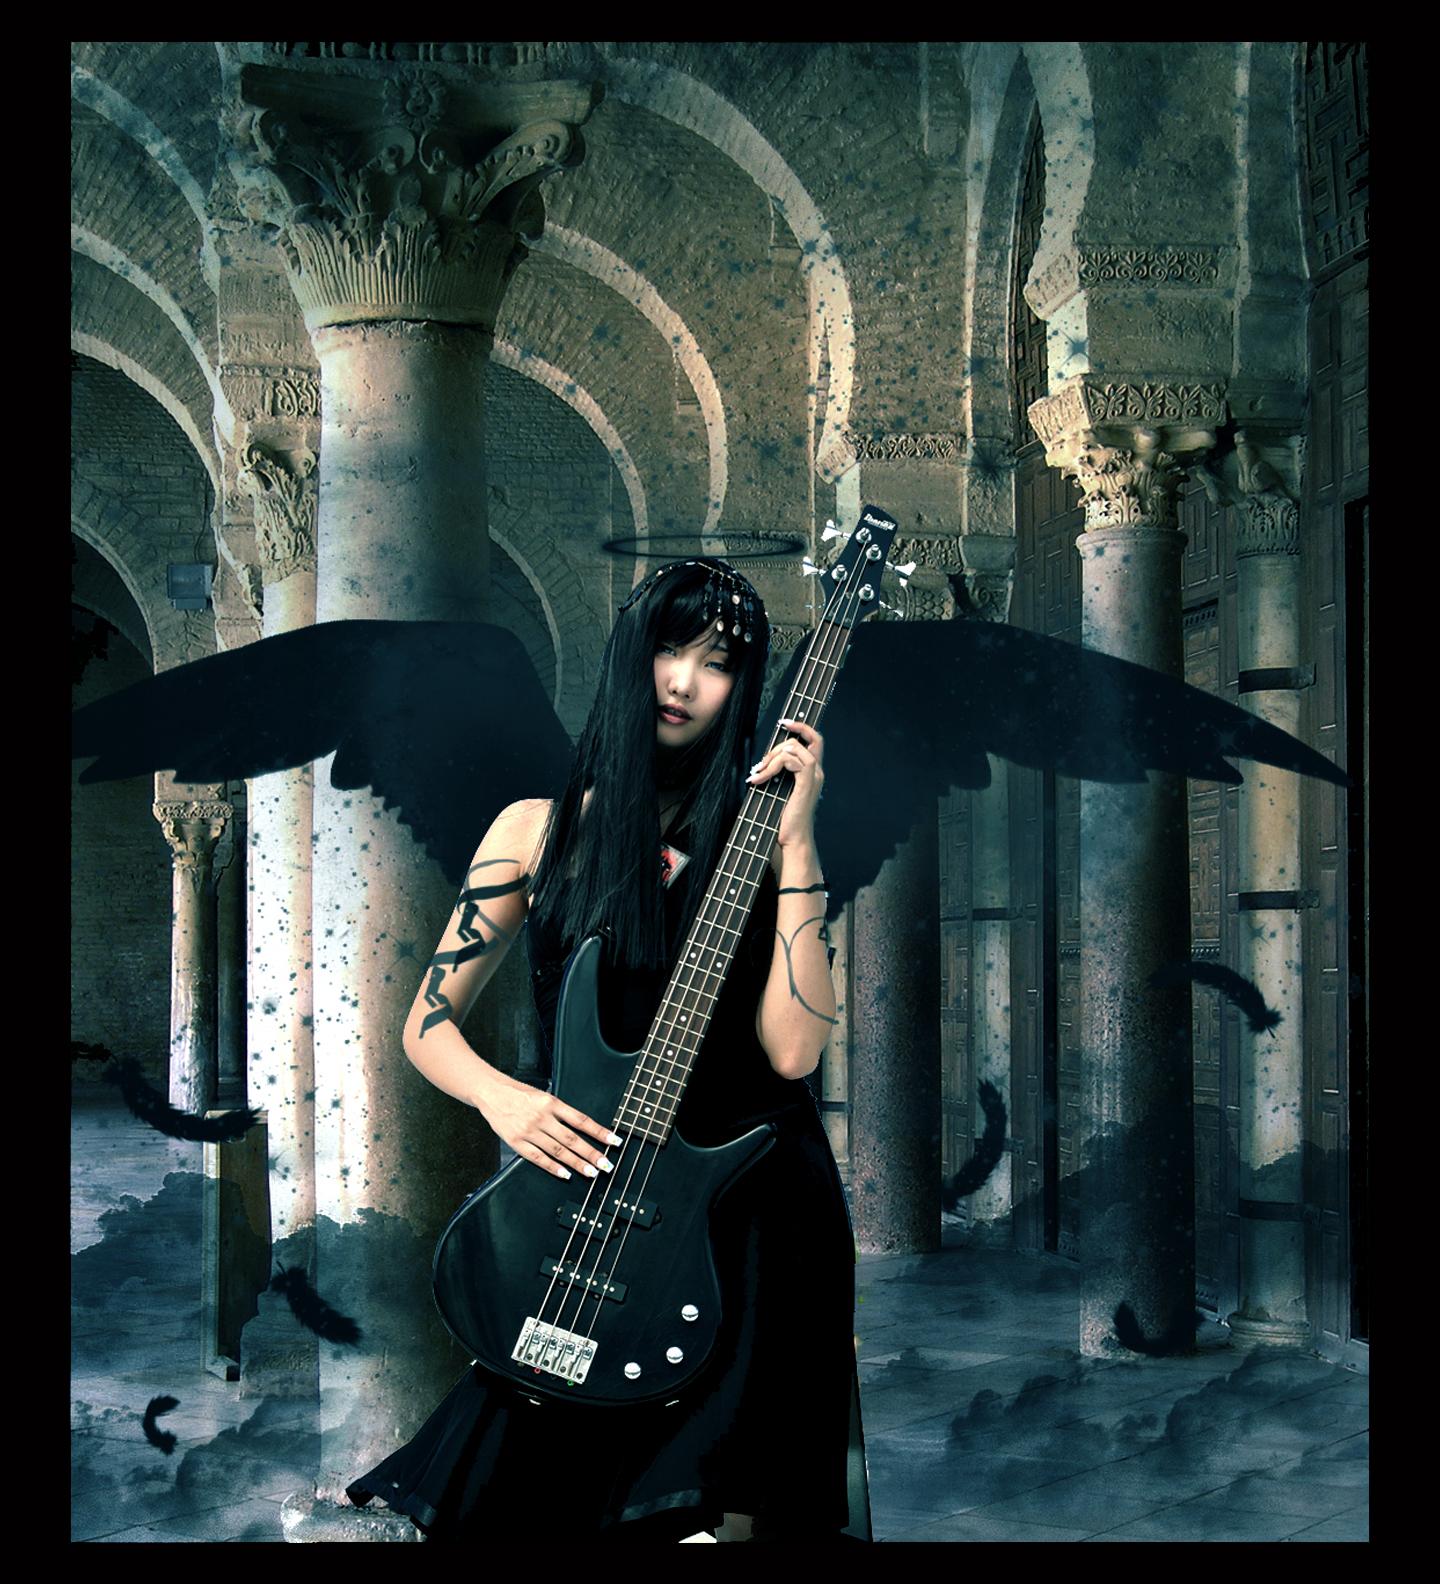 gothic midevil dark - photo #23